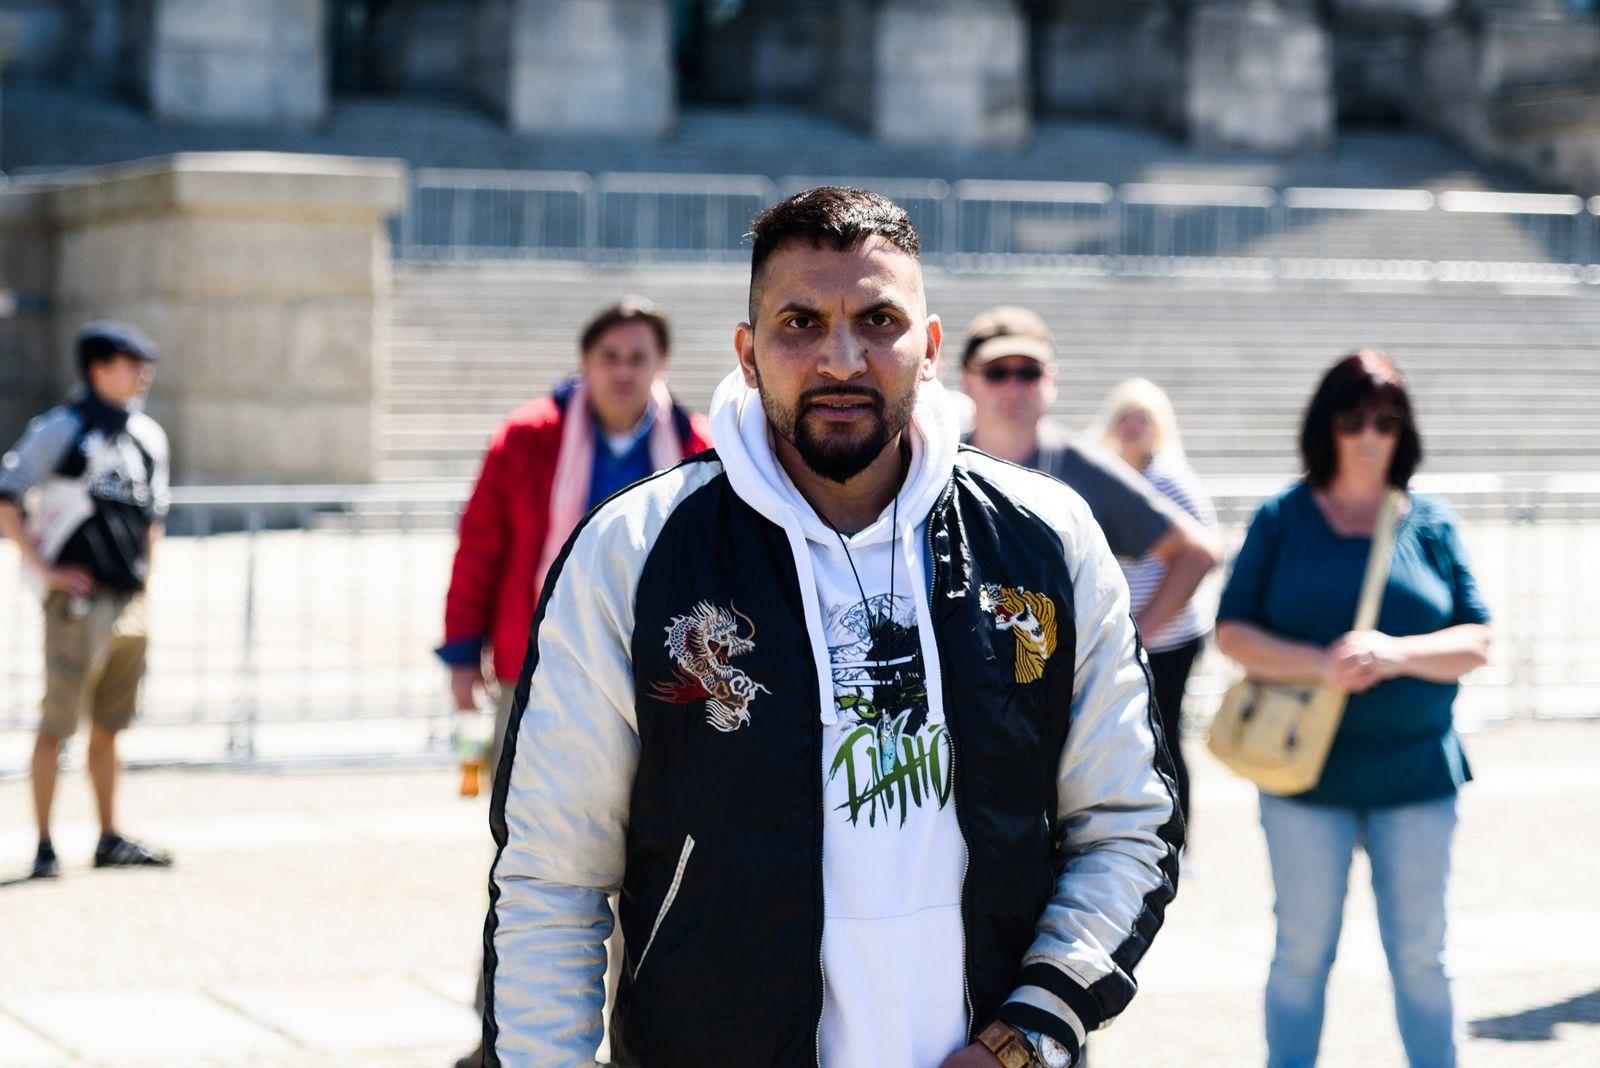 Attila Hildmann protestiert vor dem Reichstag gegen die Corona Maßnahmen Der Autor zahlreicher veganer Kochbücher Attil